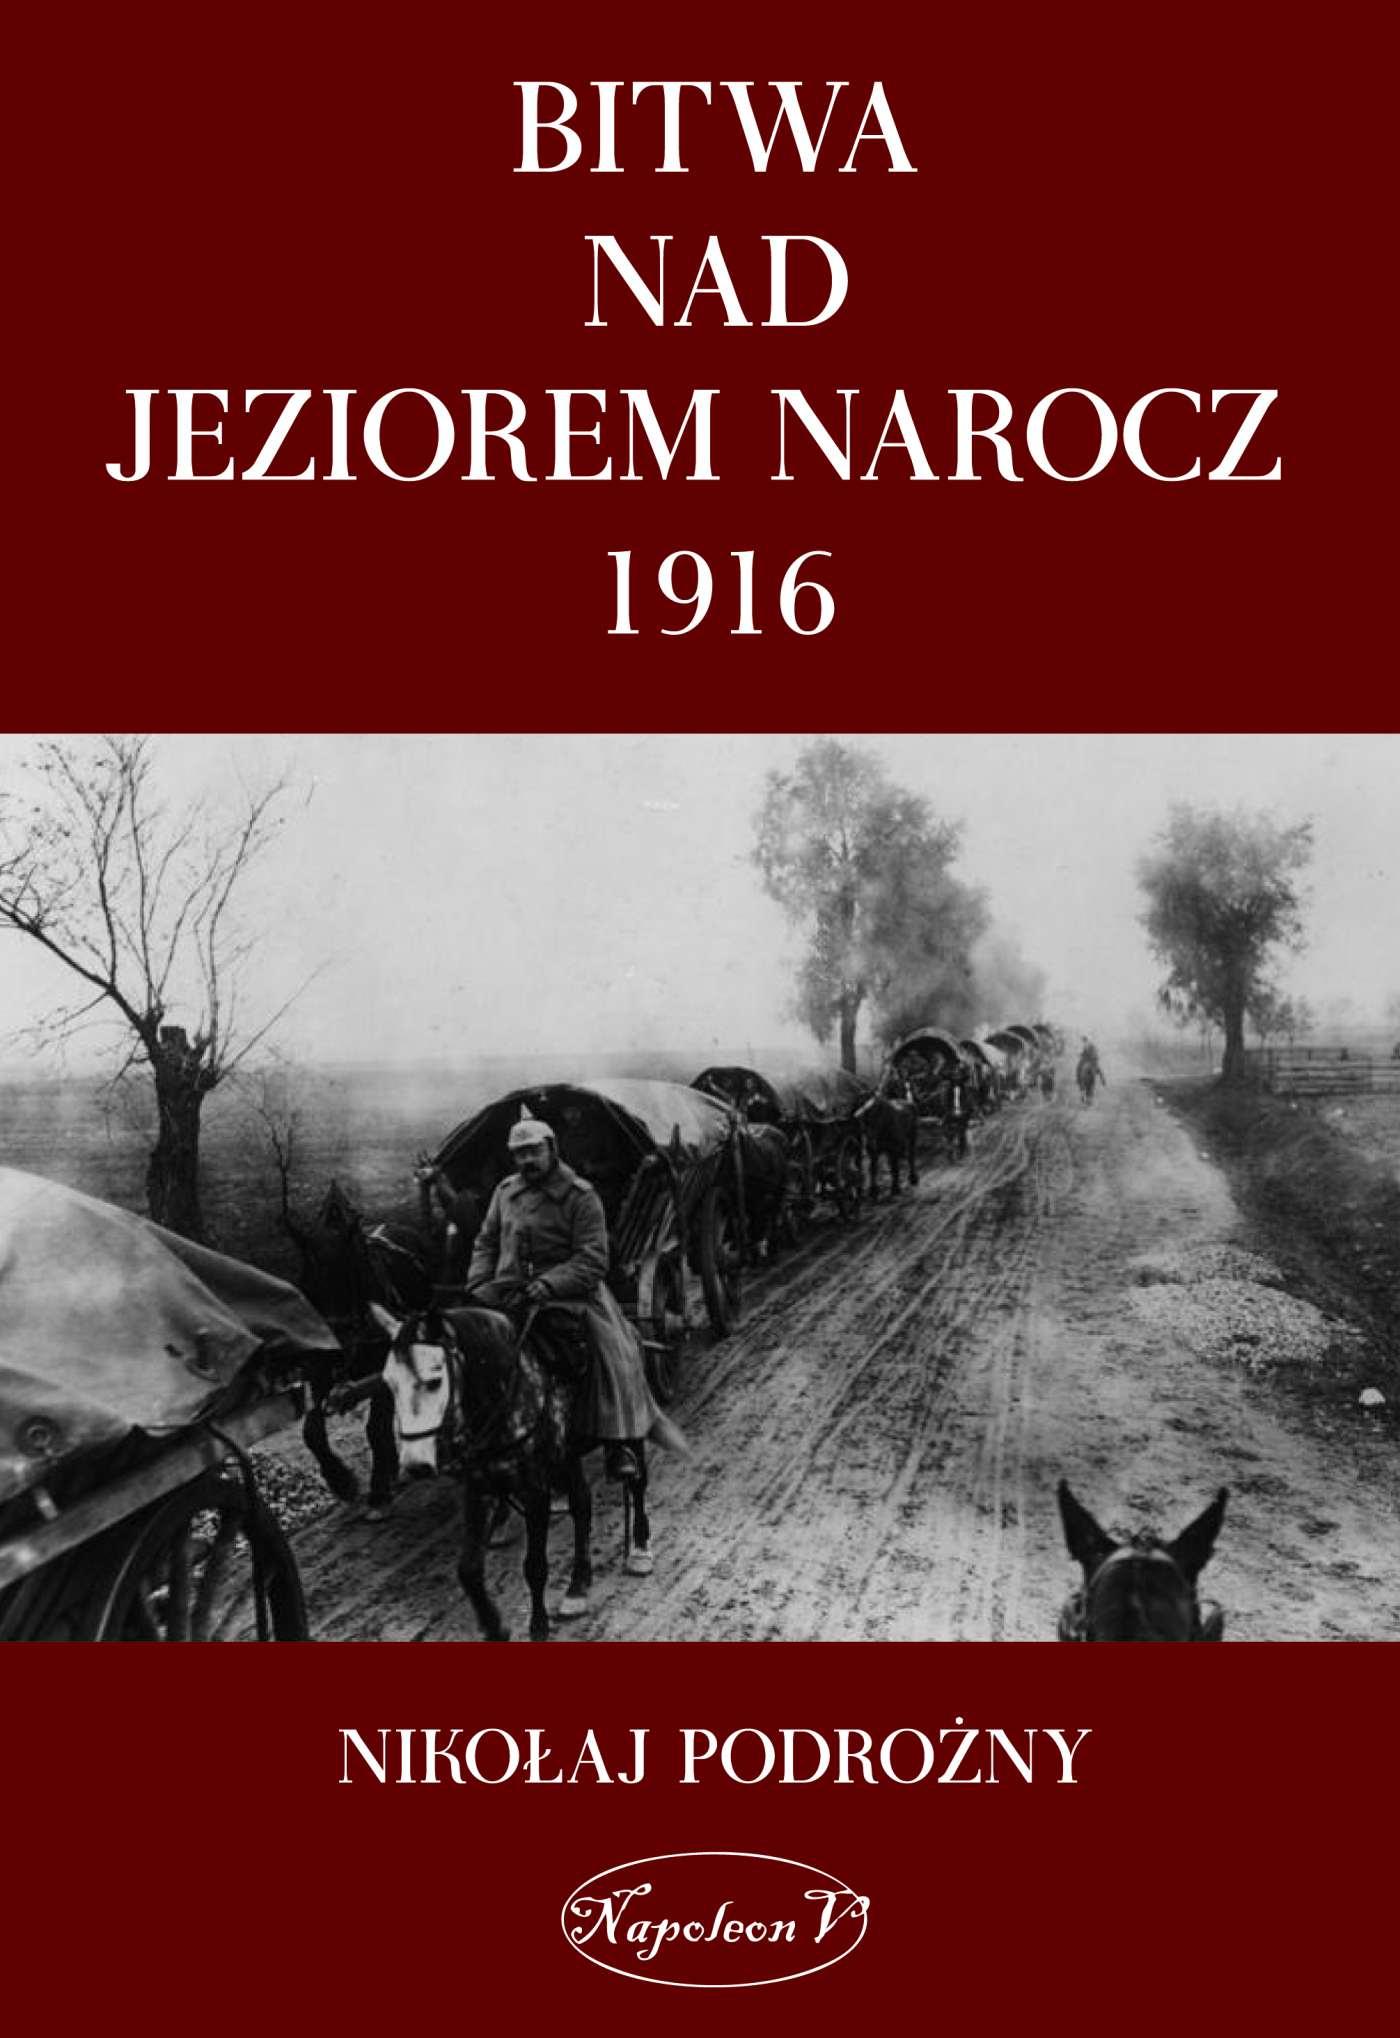 Bitwa na Jeziorem Narocz 1916 - Ebook (Książka EPUB) do pobrania w formacie EPUB